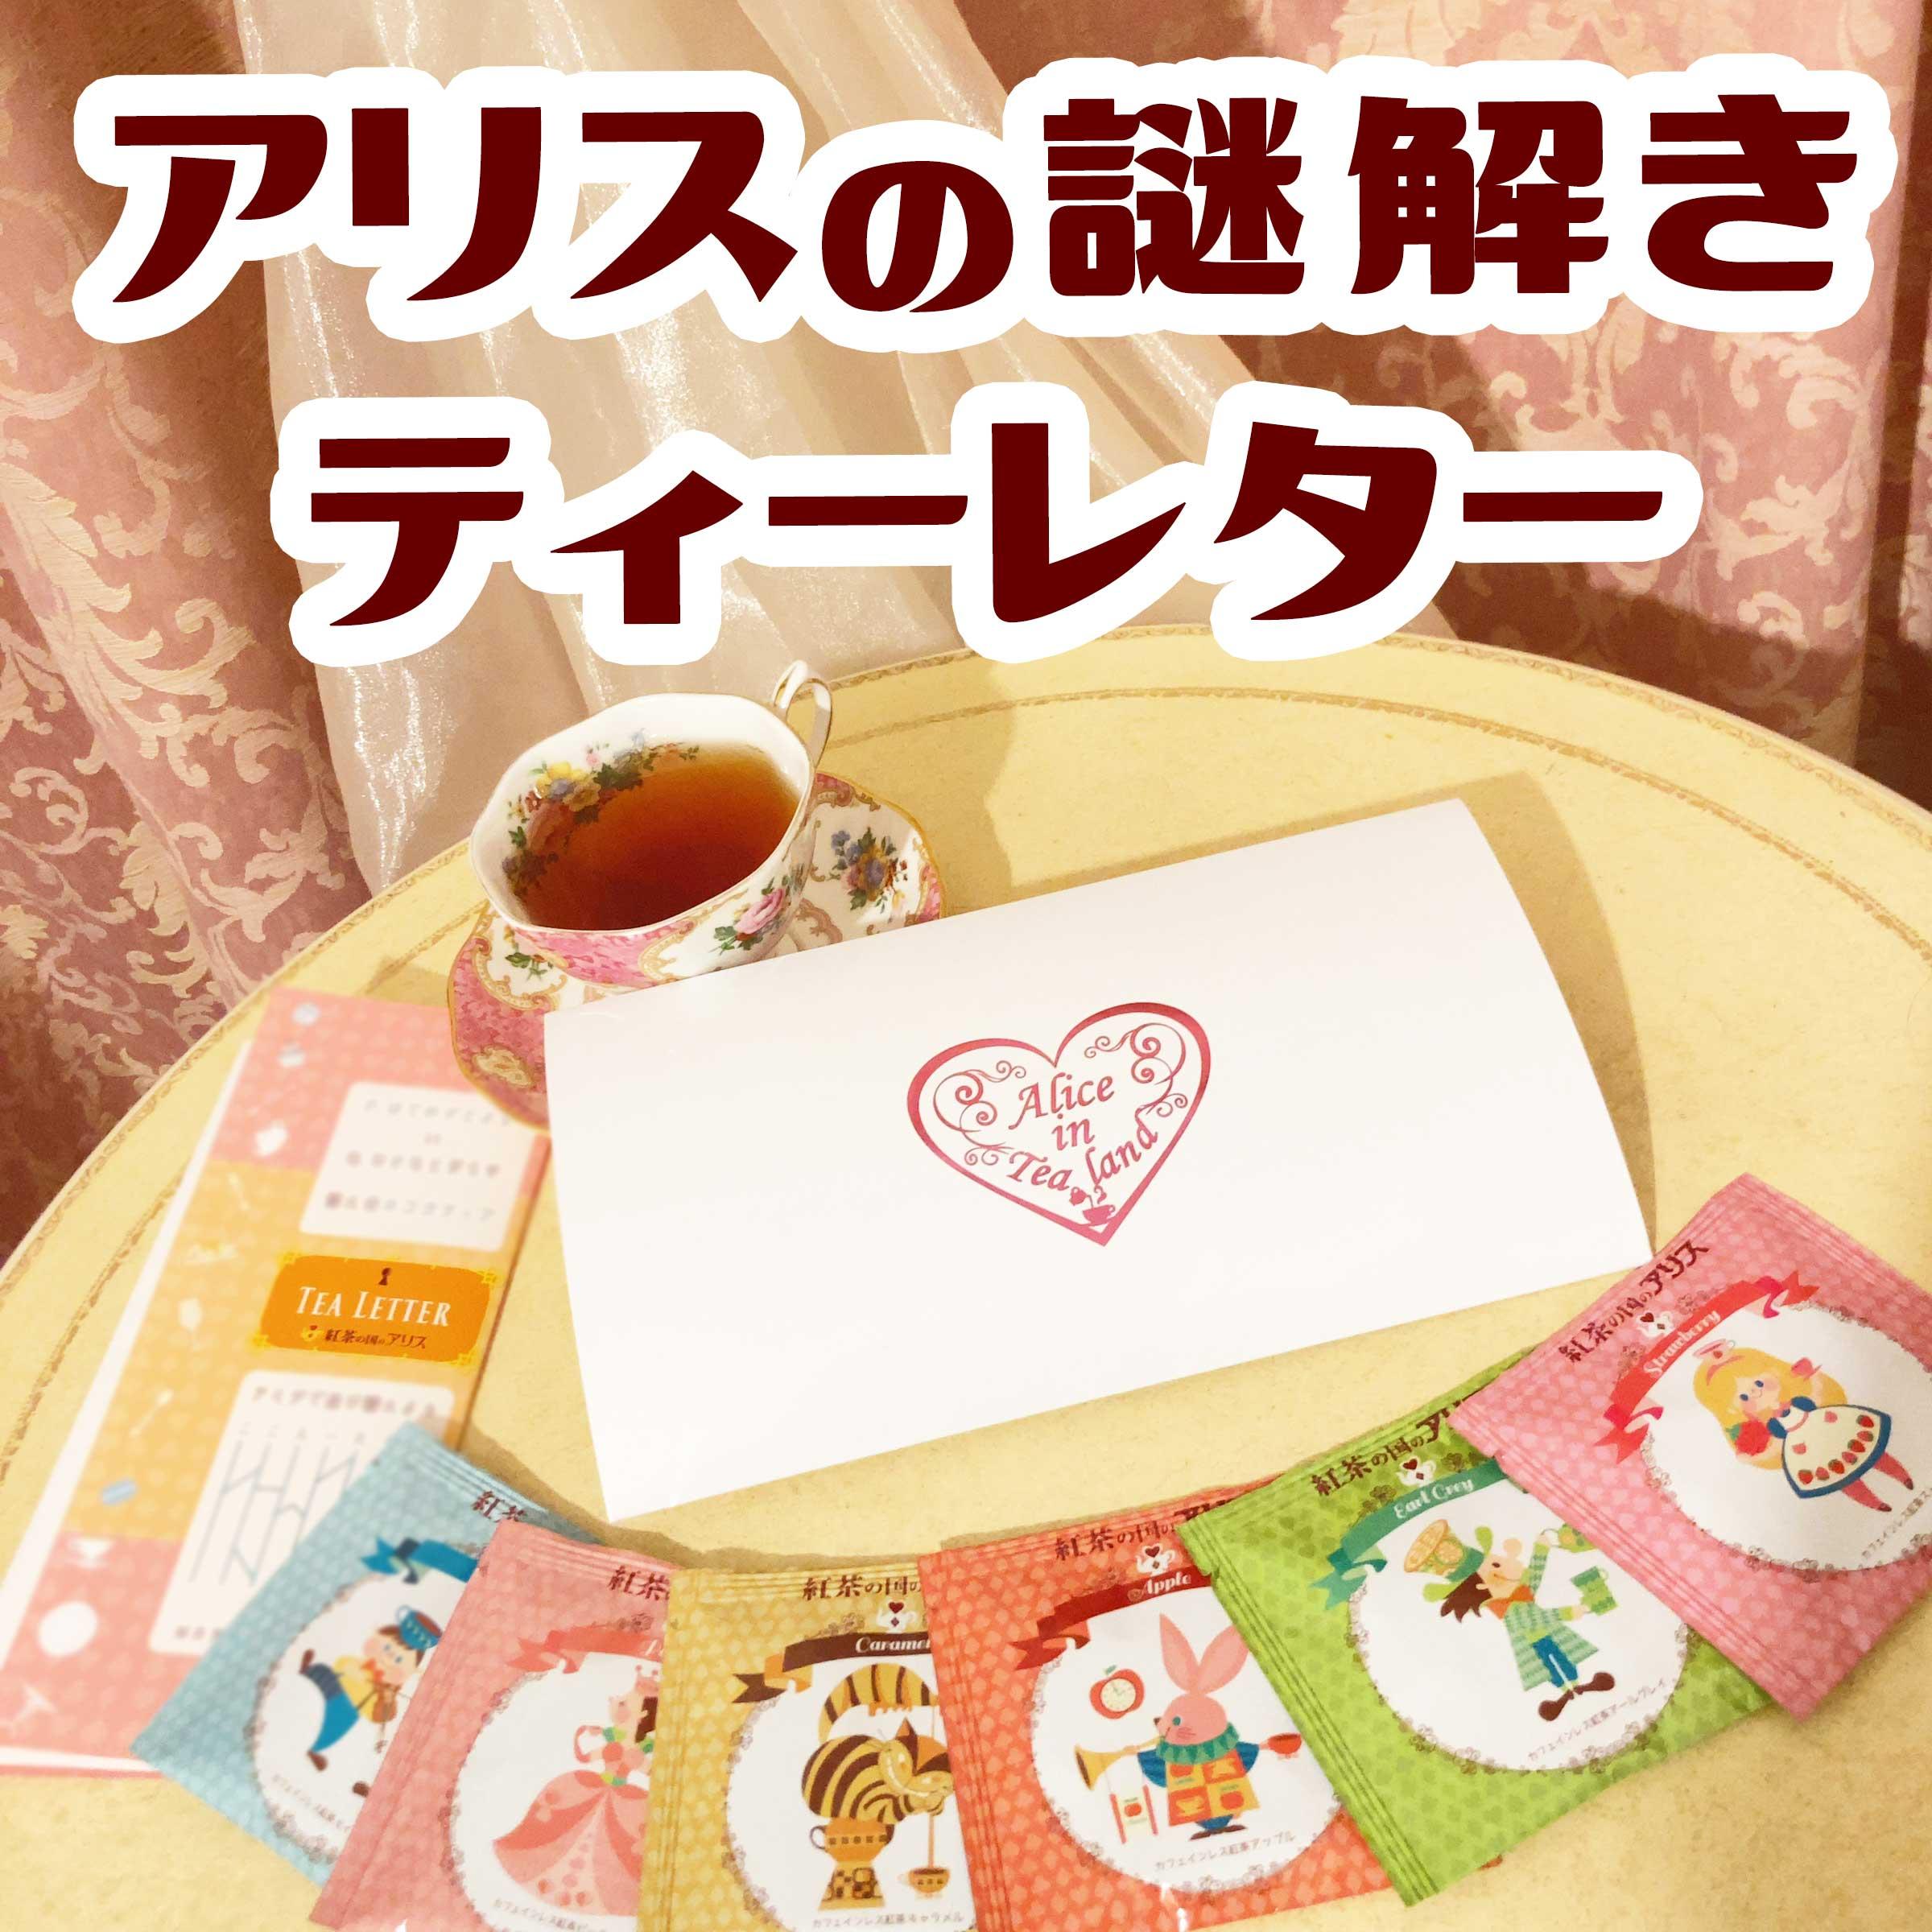 謎を解いて、紅茶の国の仲間たちを助けて! アリスの謎解きティーレター / カフェインレス 紅茶 6種と 謎解き が セット になった 可愛い 紅茶 セット ( メール便 送料無料 ) 母の日 プレゼント にもおすすめ♪